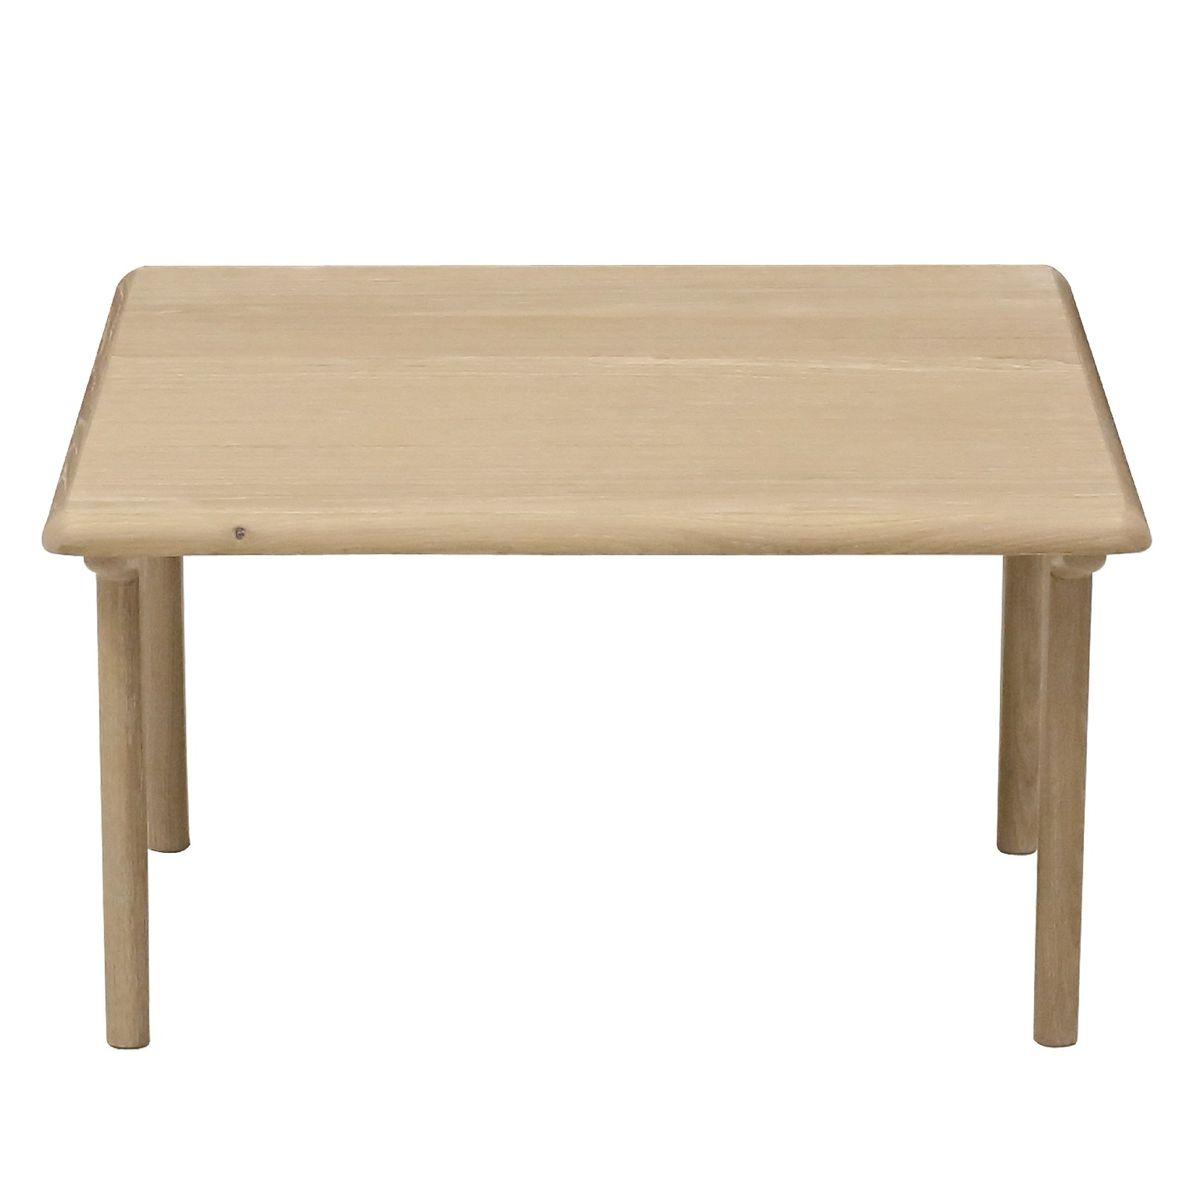 Table basse carrée plaqué chêne